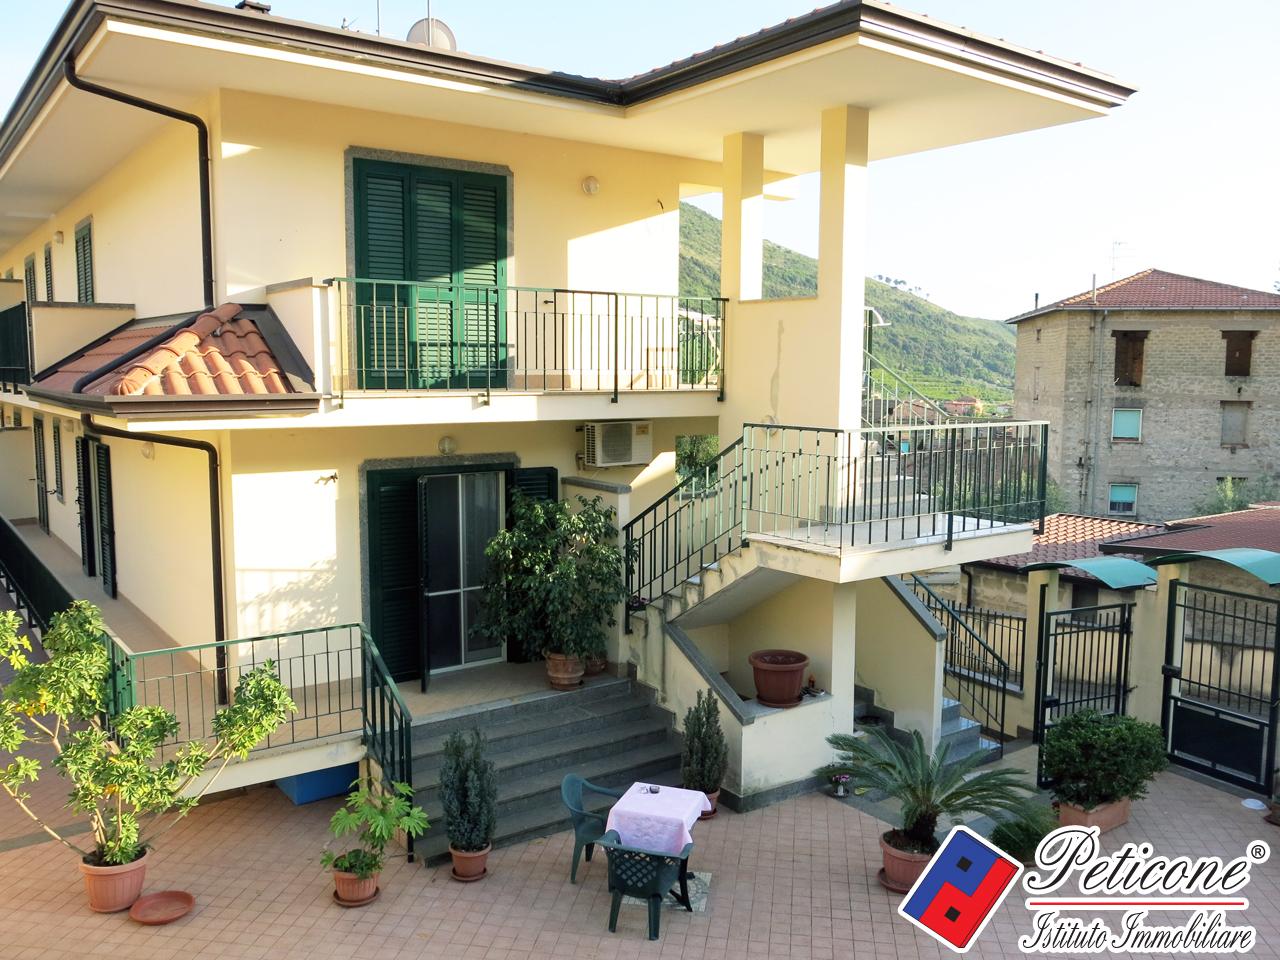 Villa tre camere panoramico fondi in vendita waa2 for Casa di 700 metri quadrati in vendita